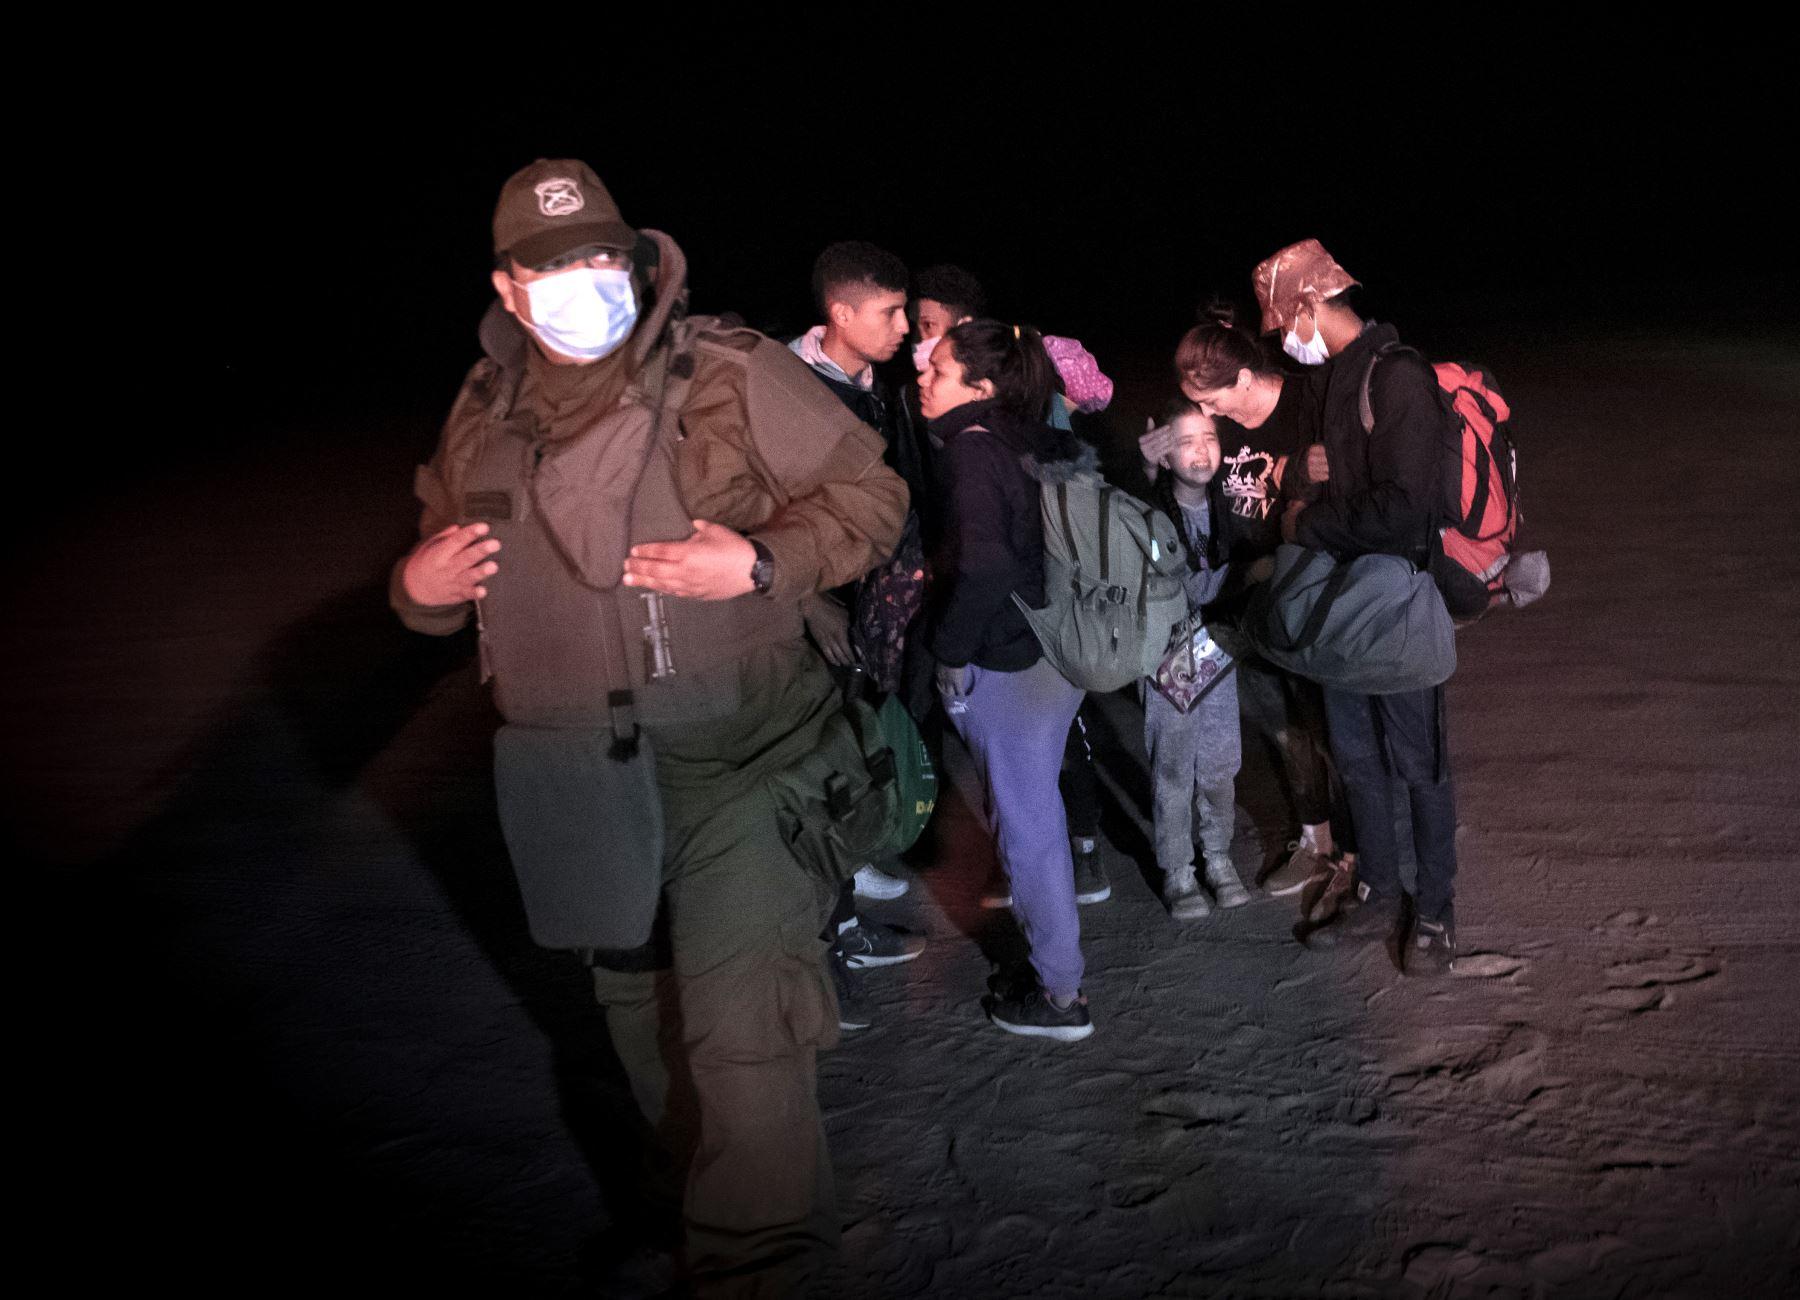 Haitianos y venezolanos cruzan caminos en la frontera de Chile y Perú